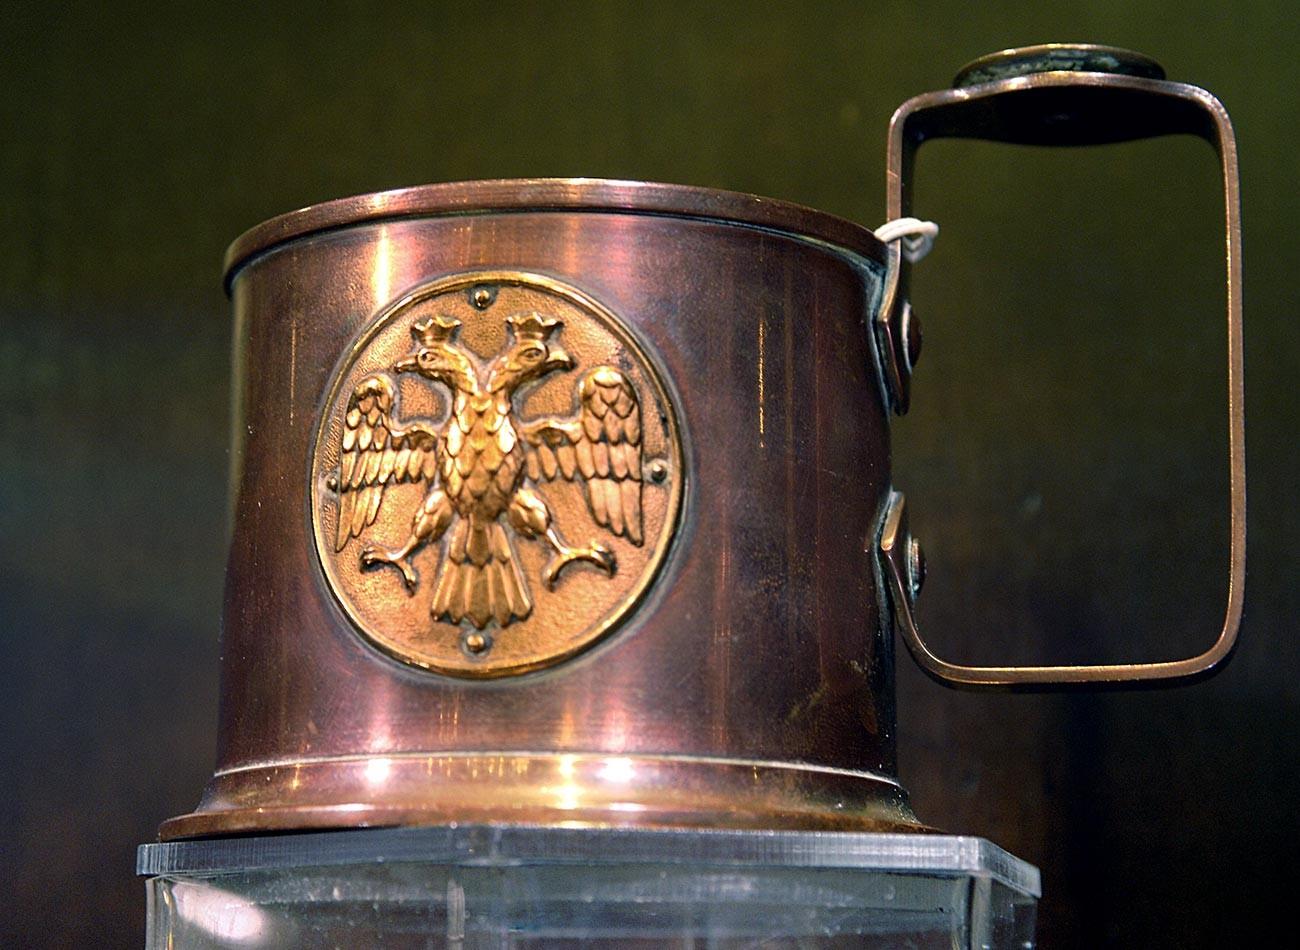 Podstakannik yang dirancang oleh Carl Faberge pada 1914–1915.